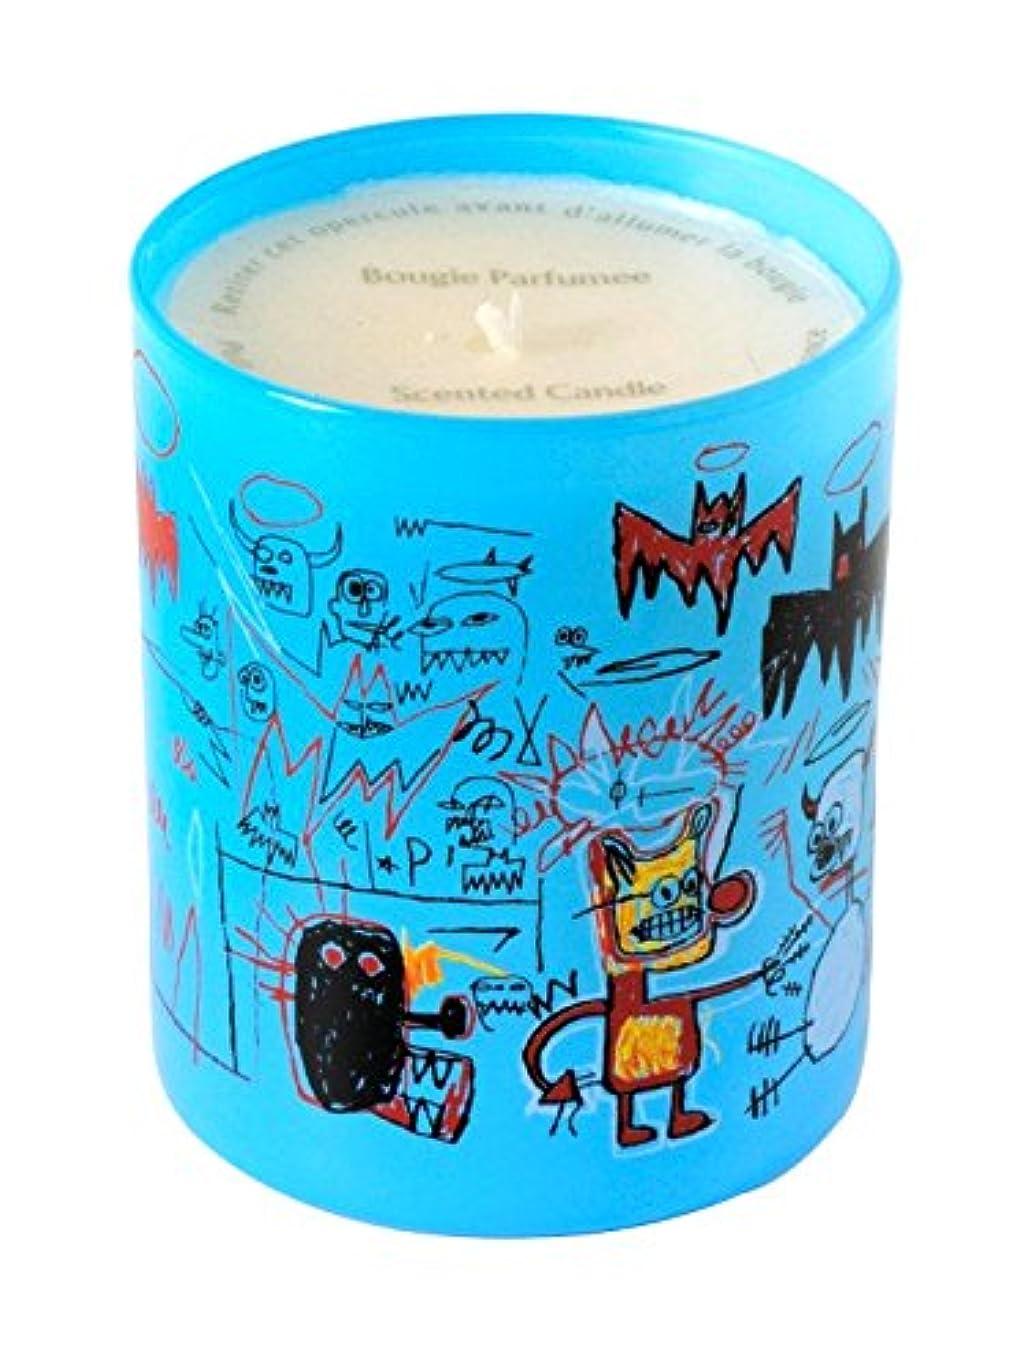 一部洞察力砦ジャン ミシェル バスキア ブルー キャンドル(Jean-Michael Basquiat Perfumed Candle